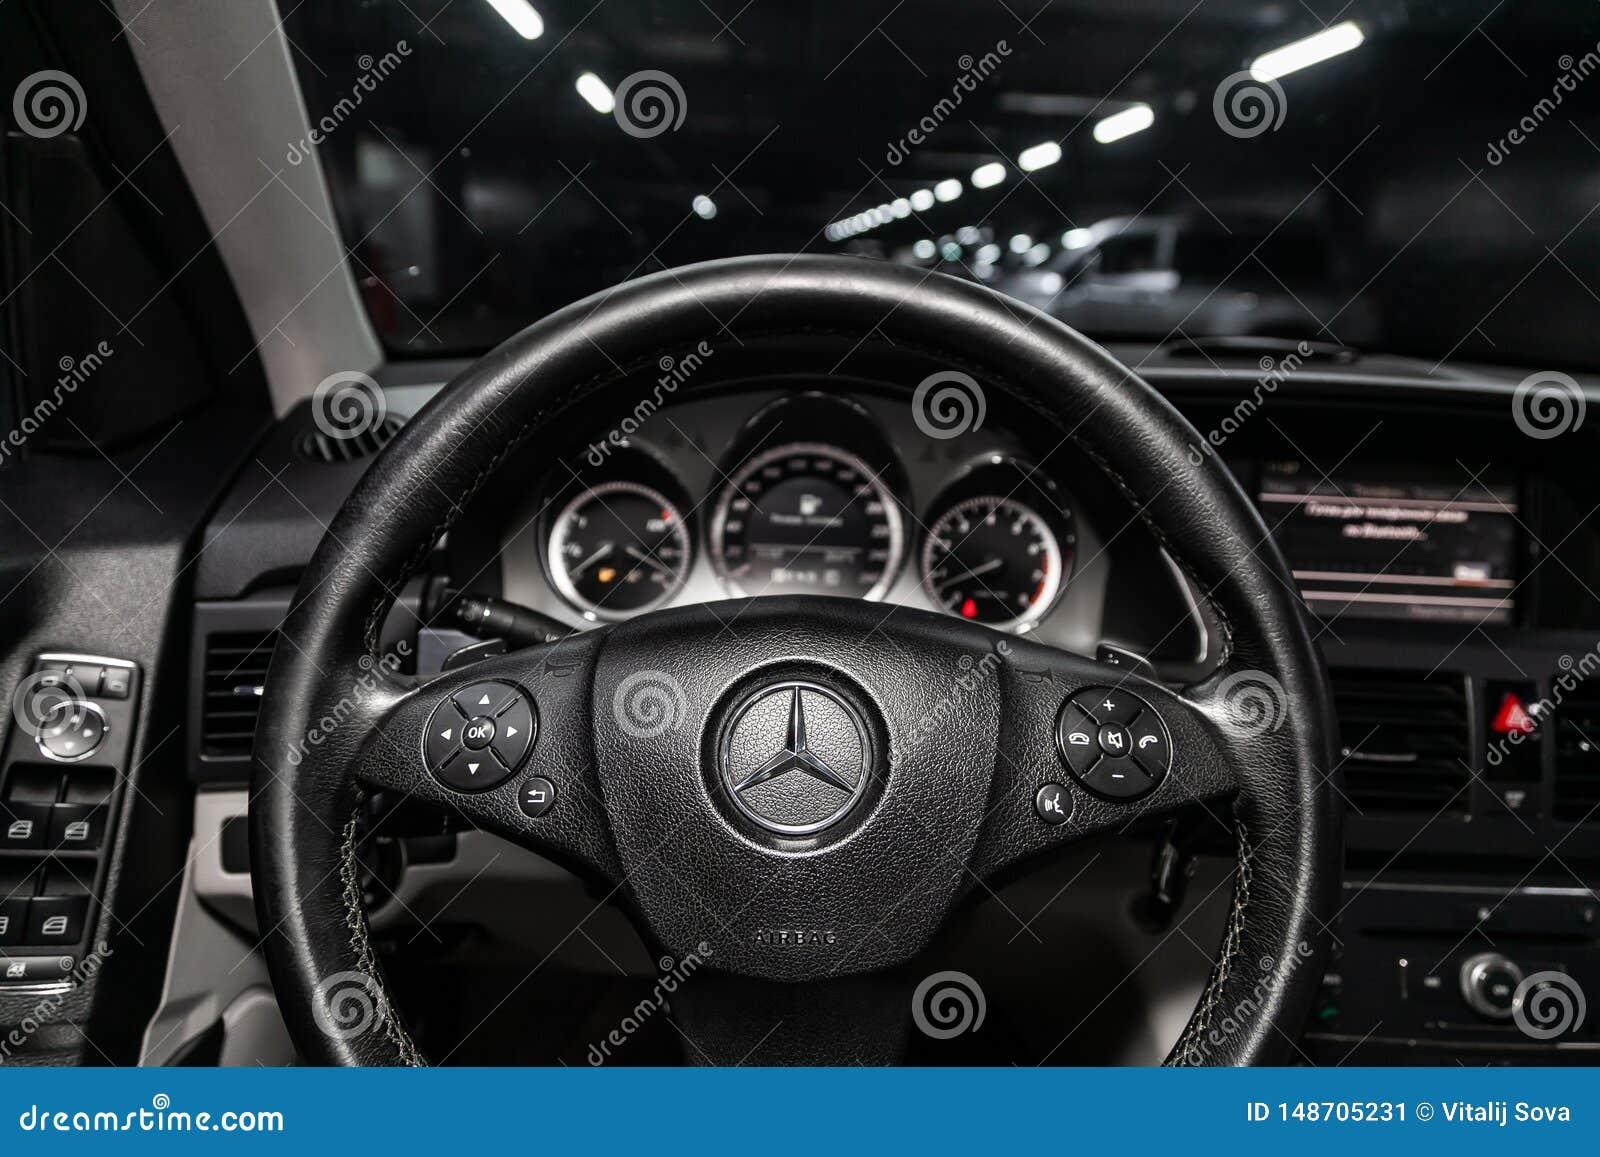 Novosibirsk, Russia - May 23, 2019: Mercedes-Benz GLK ...